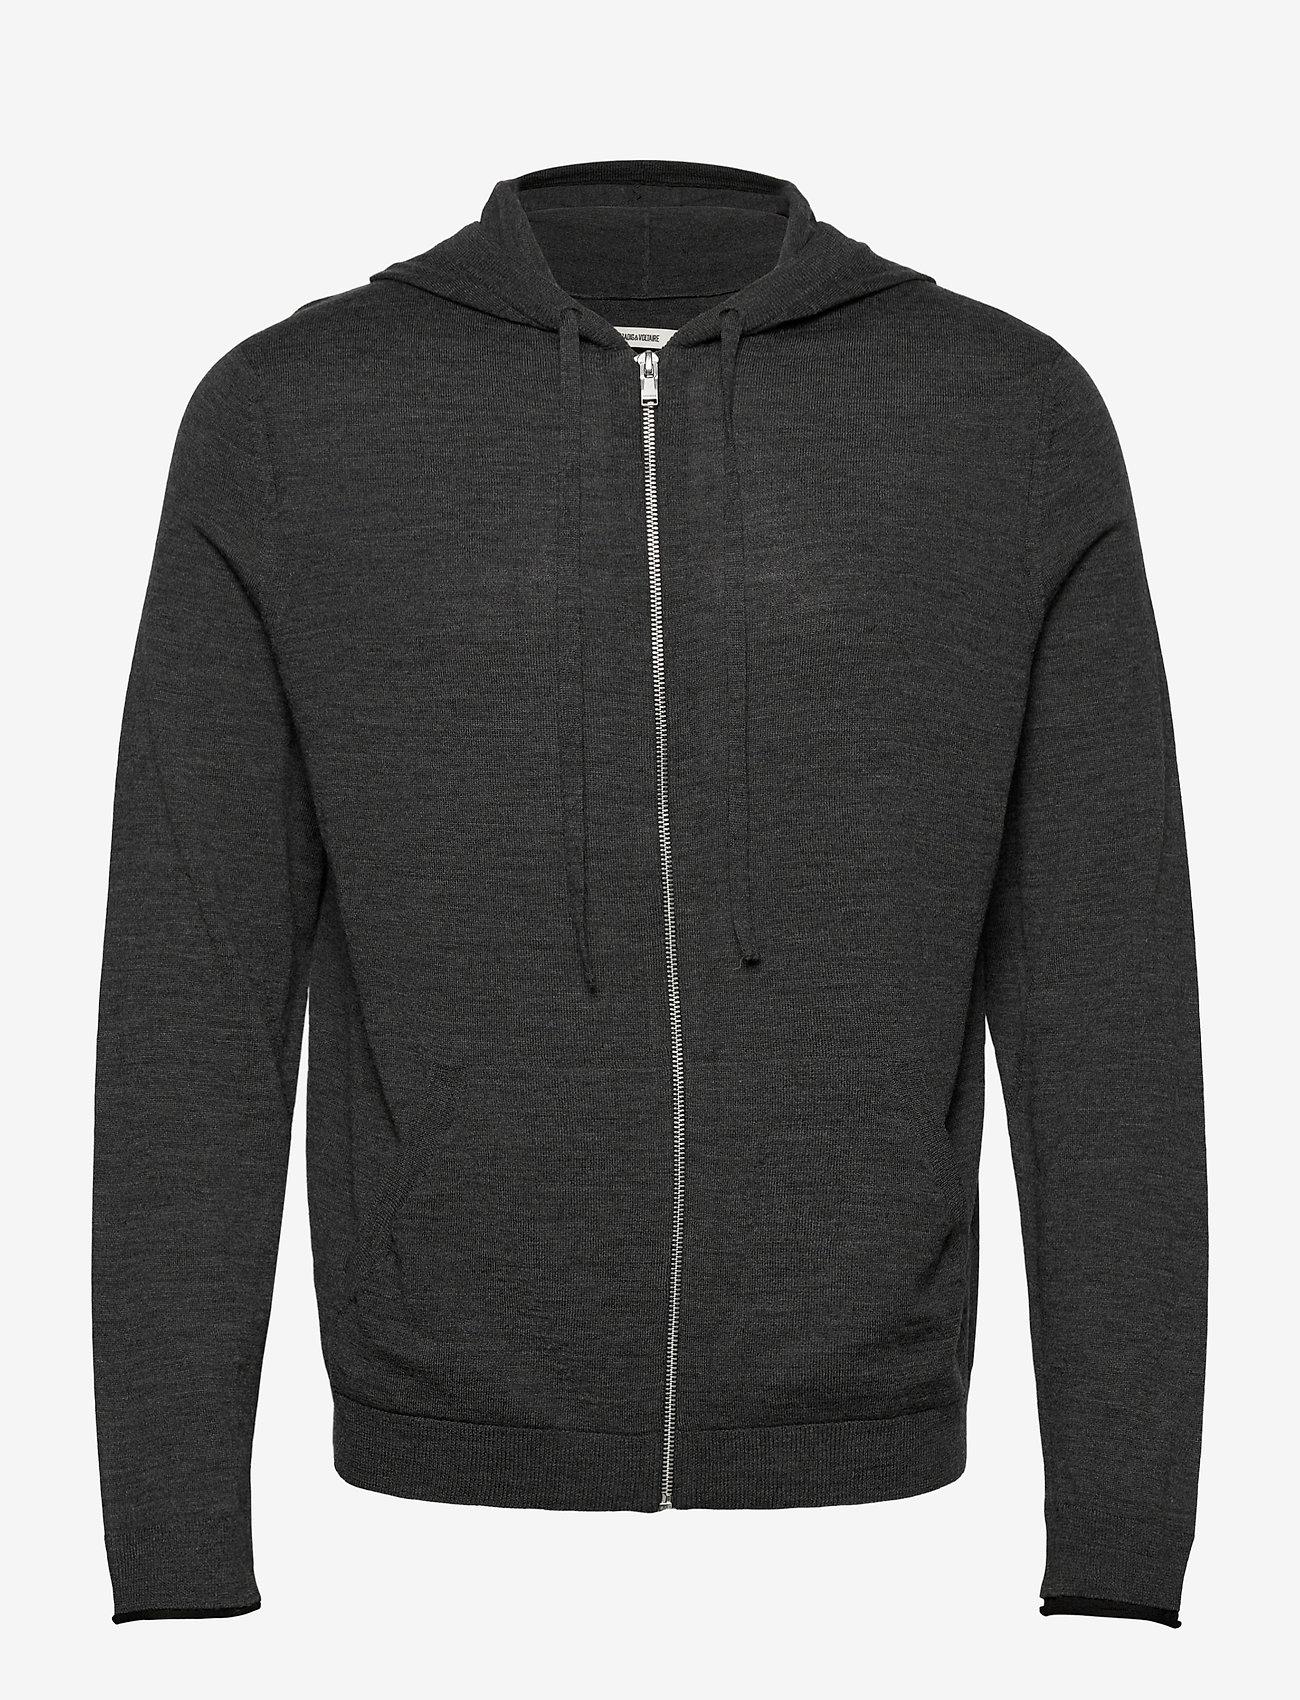 Zadig & Voltaire - CLASH M LONG SLEEVE HOODIE MERINOS - basic sweatshirts - grey - 0